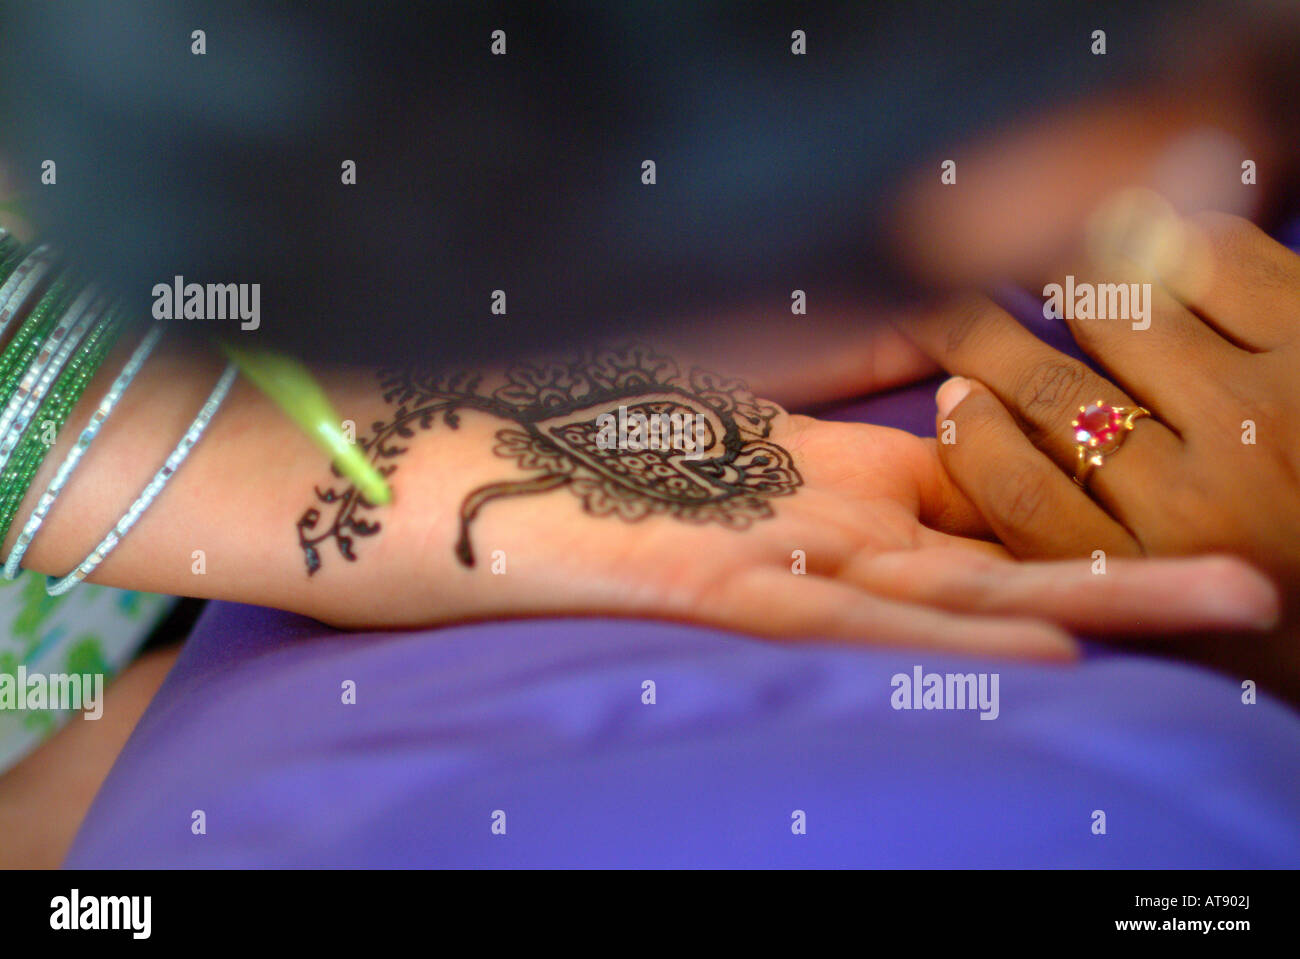 La mujer que recibe un tinte de henna mendhi ( ) diseño en su mano antes de su boda india Foto de stock